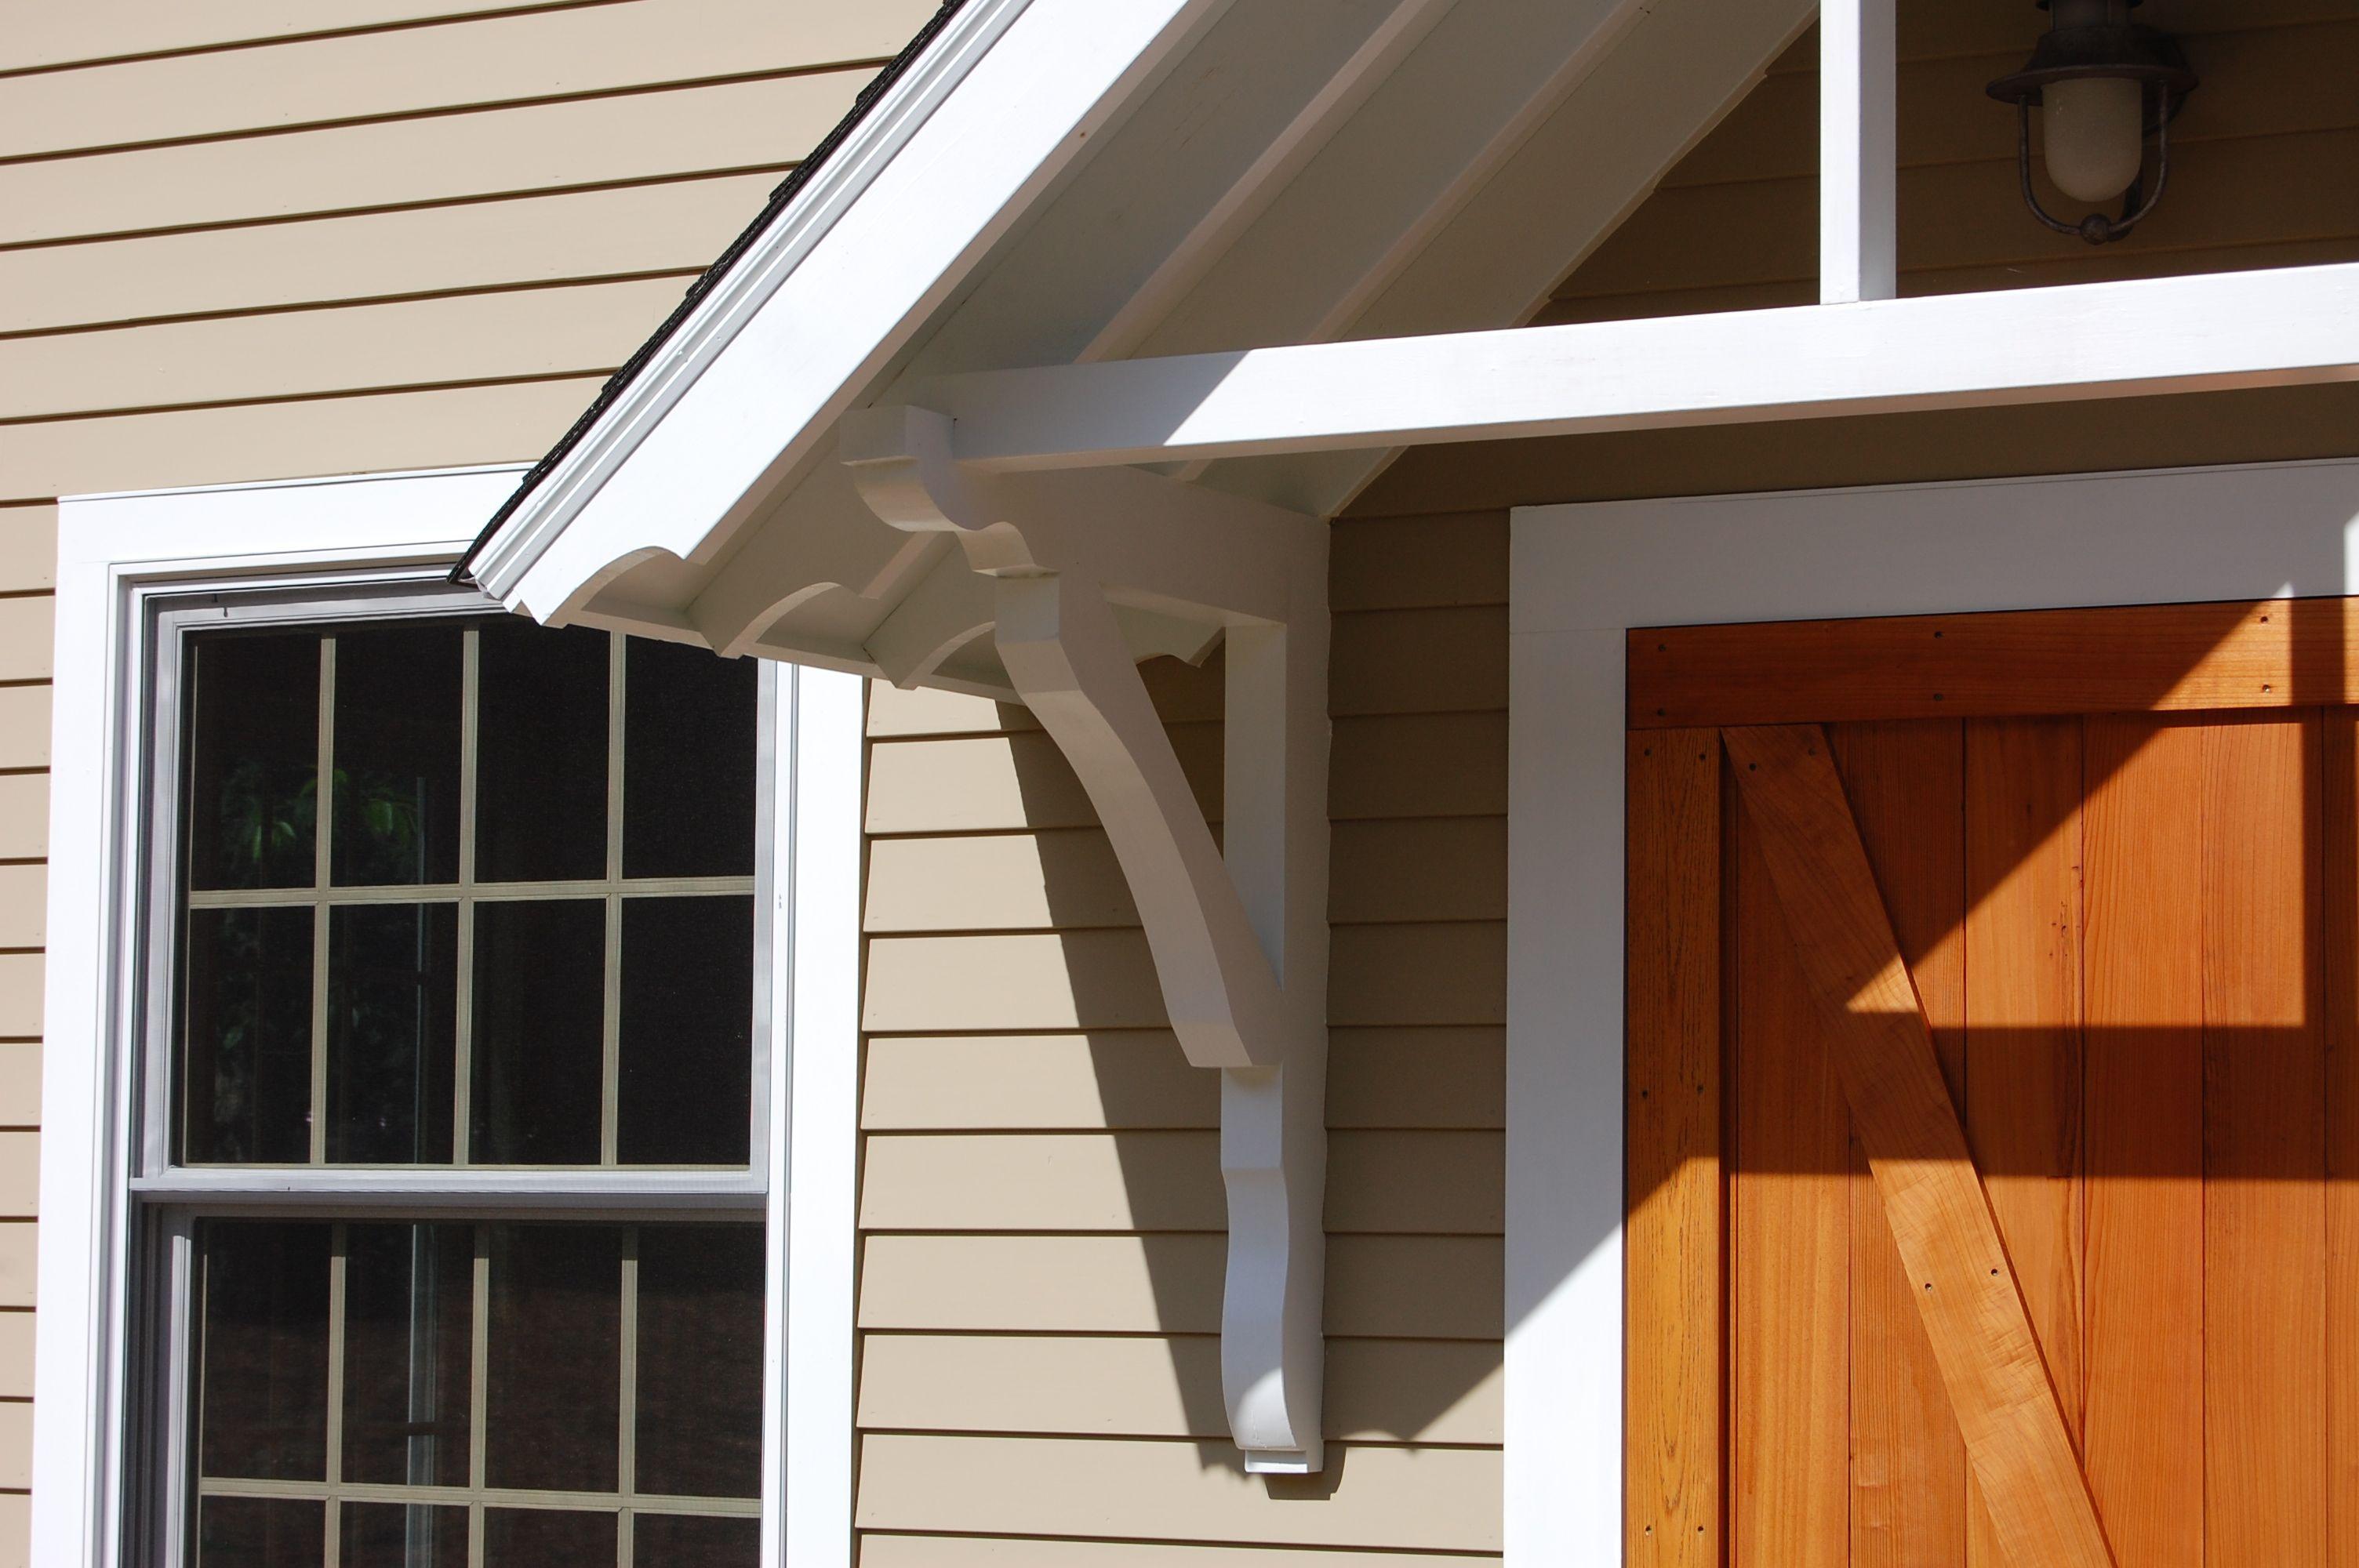 Blog Not Found Door Overhang Shed Roof Front Door Design